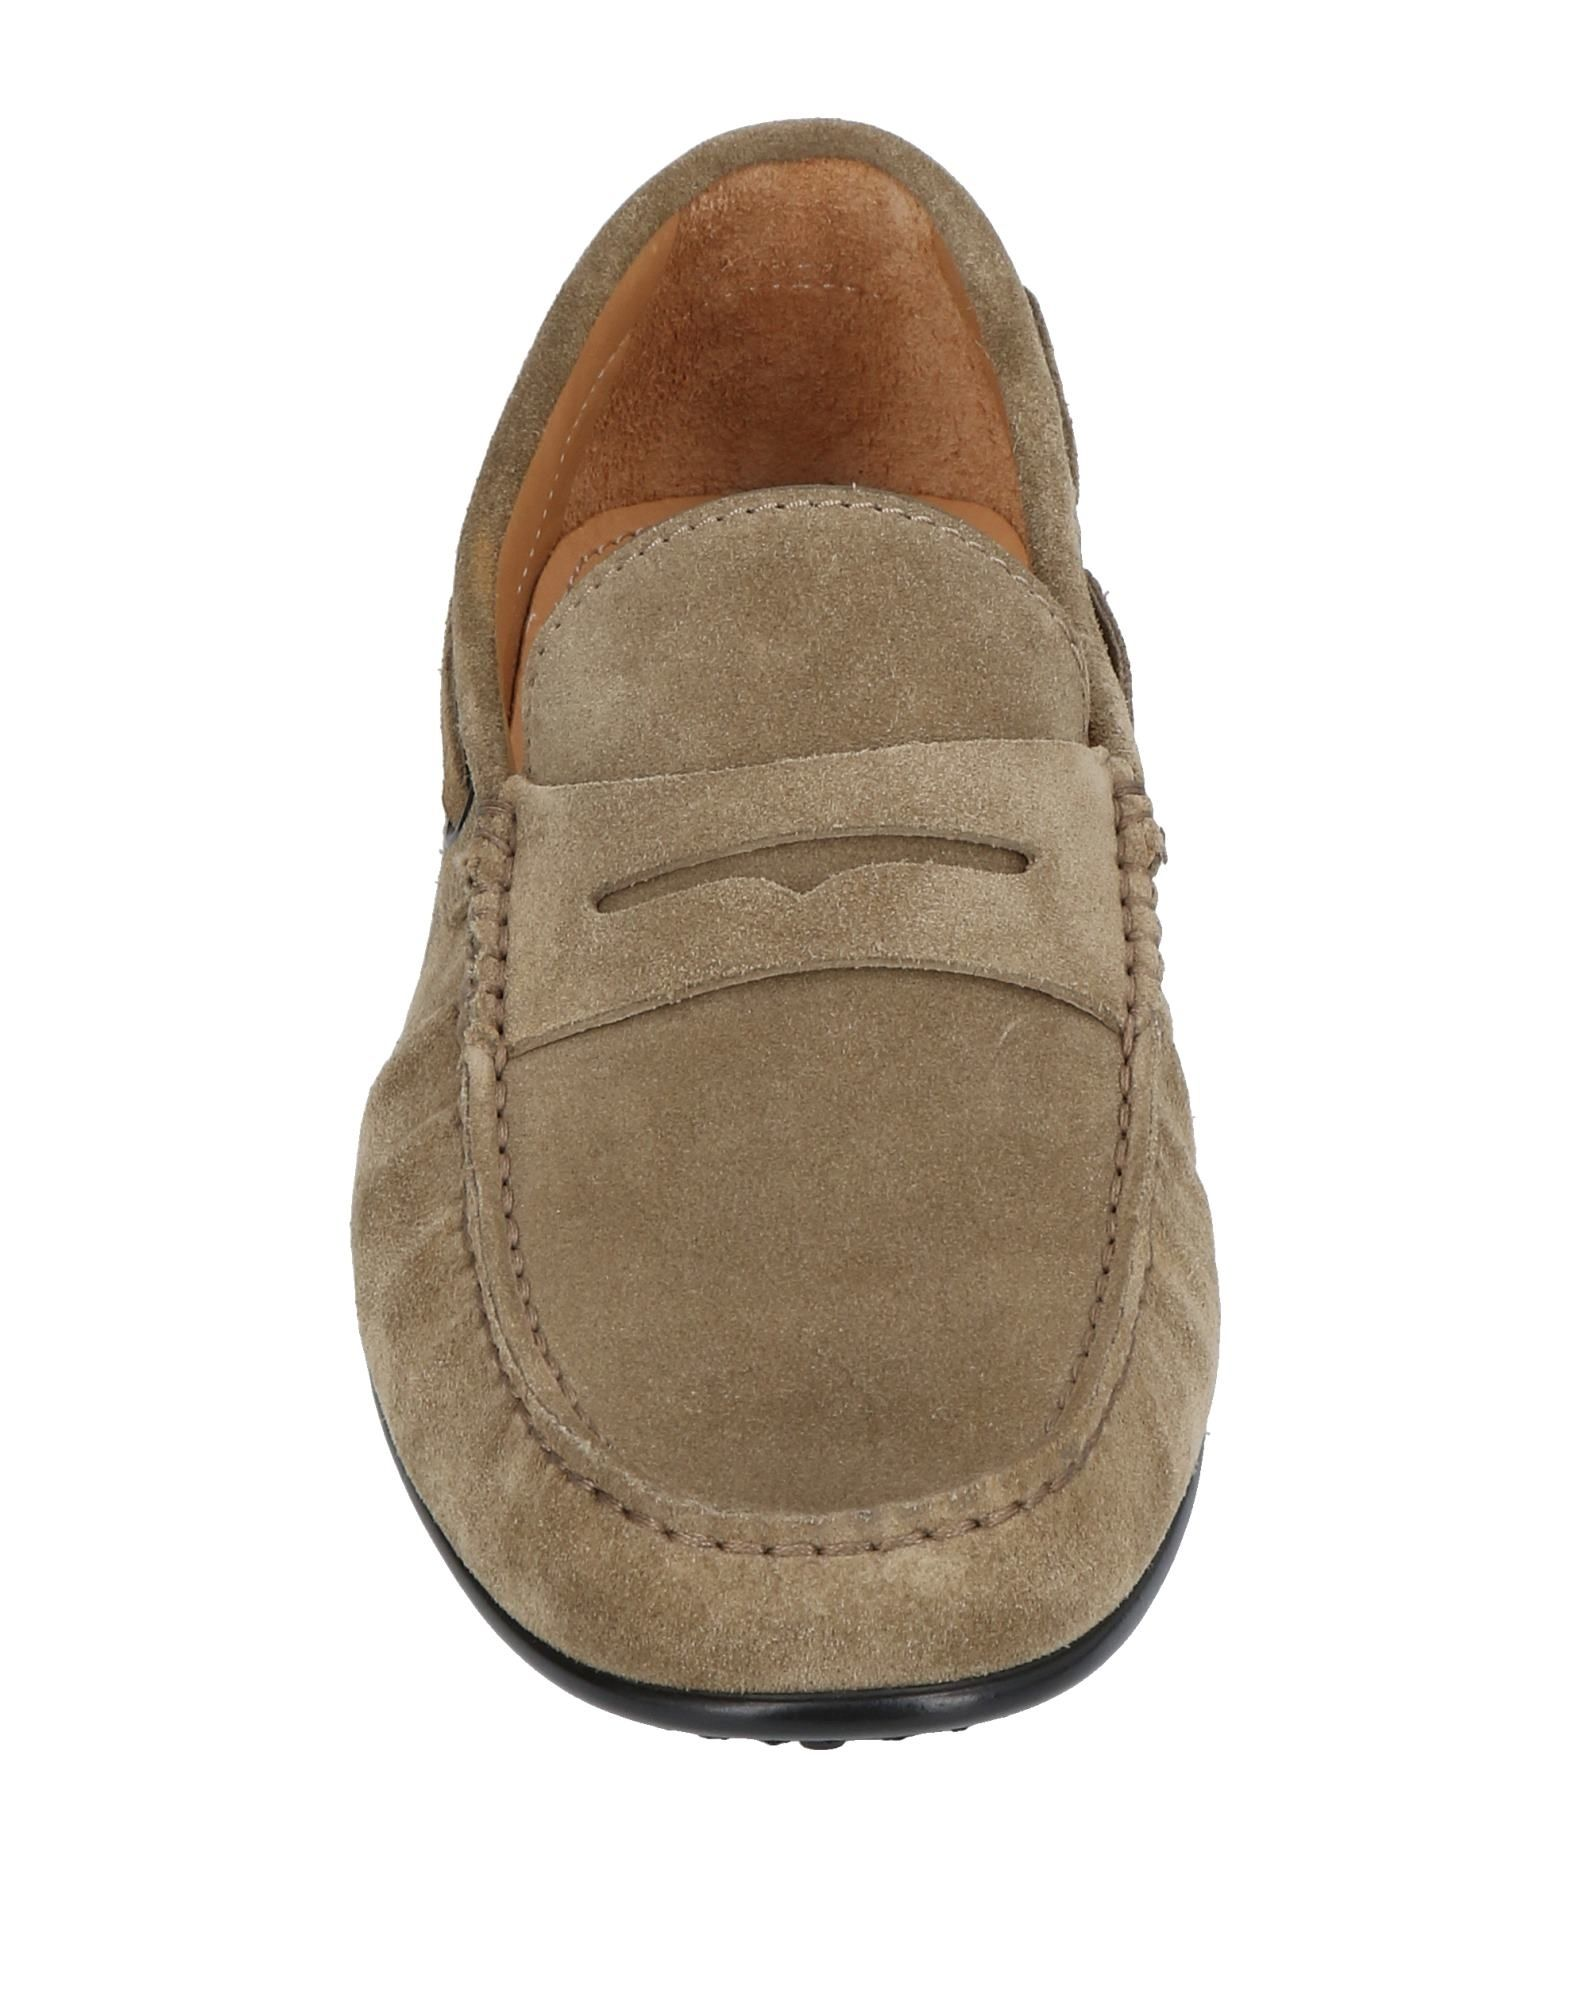 Rabatt echte Mokassins Schuhe Baccaglini Mokassins echte Herren  11464997JP 5f77c1